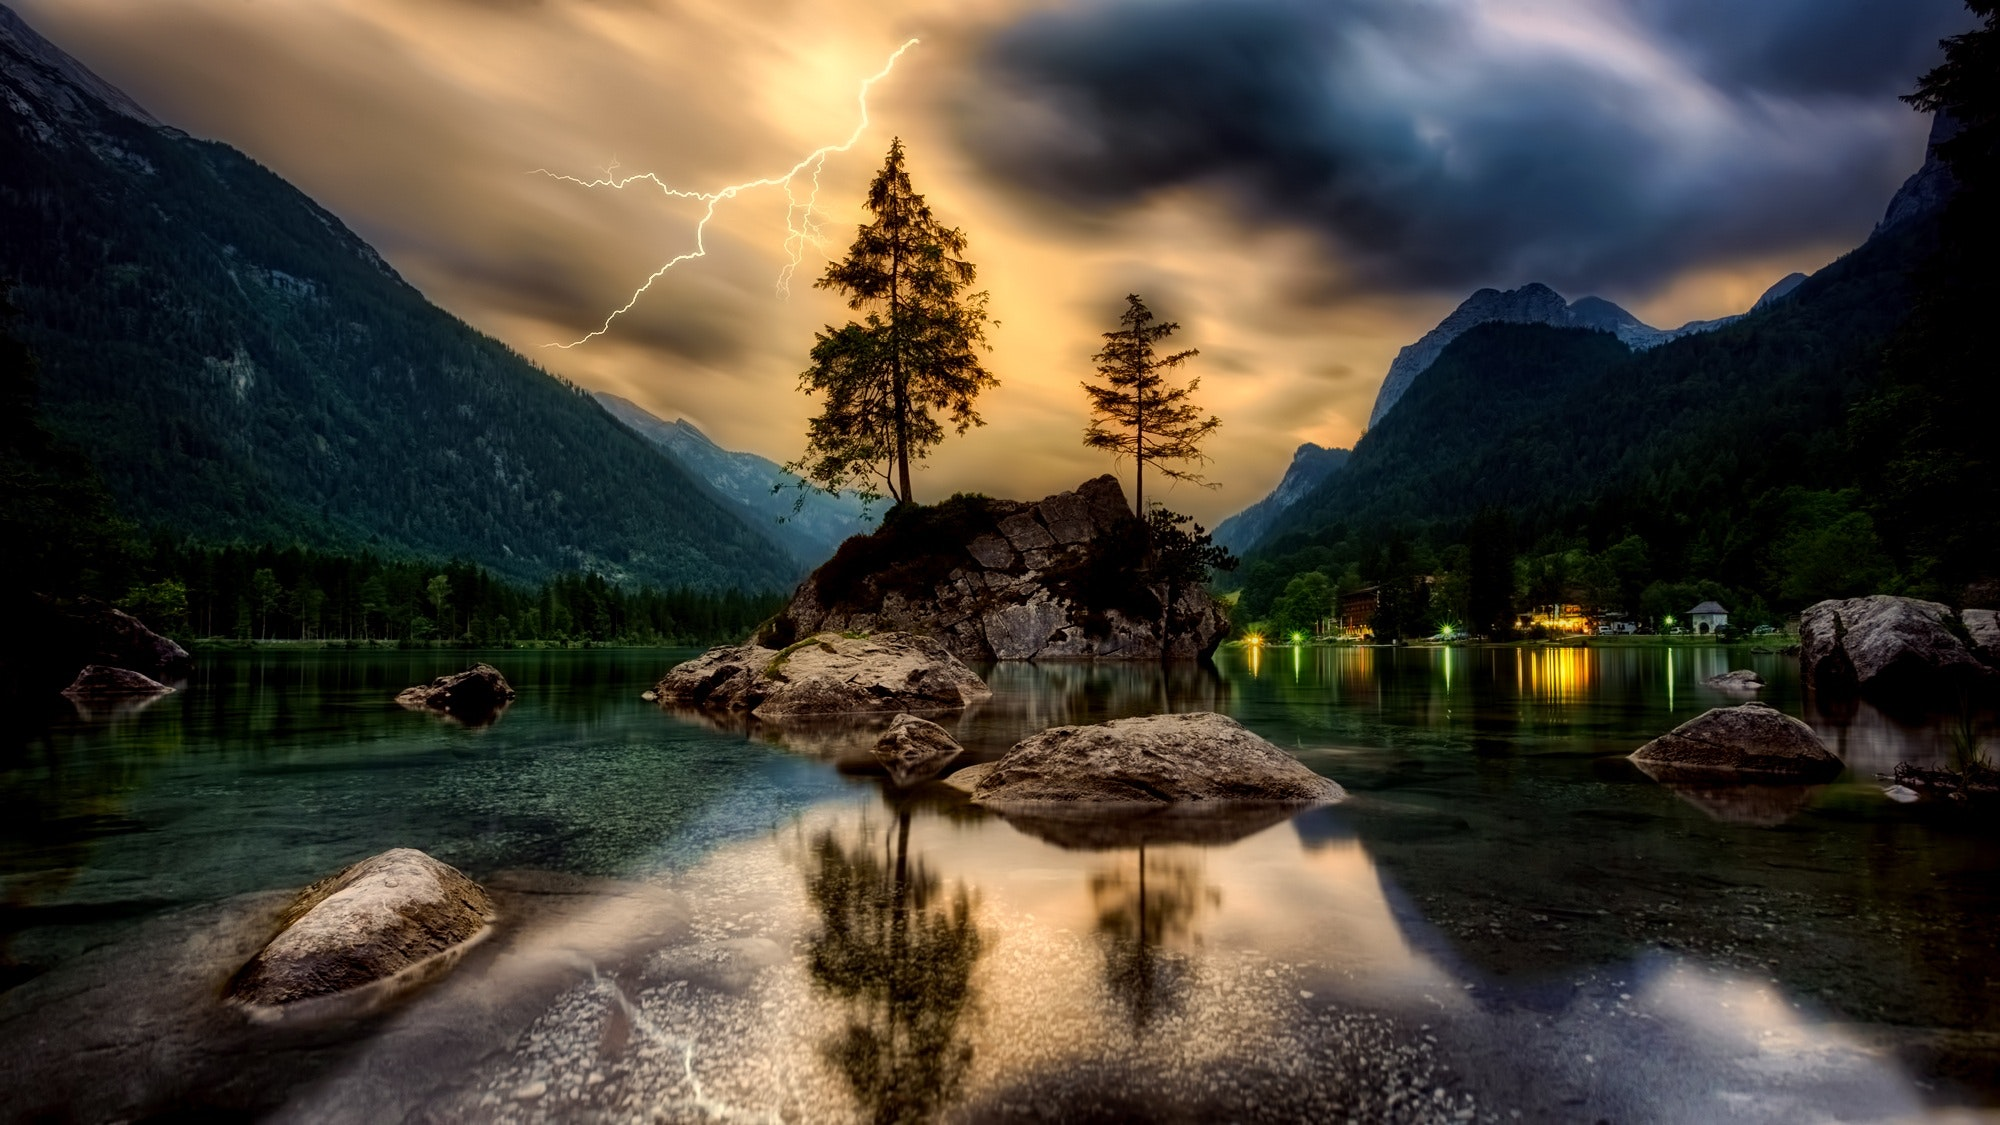 Nature&Lightening.jpeg